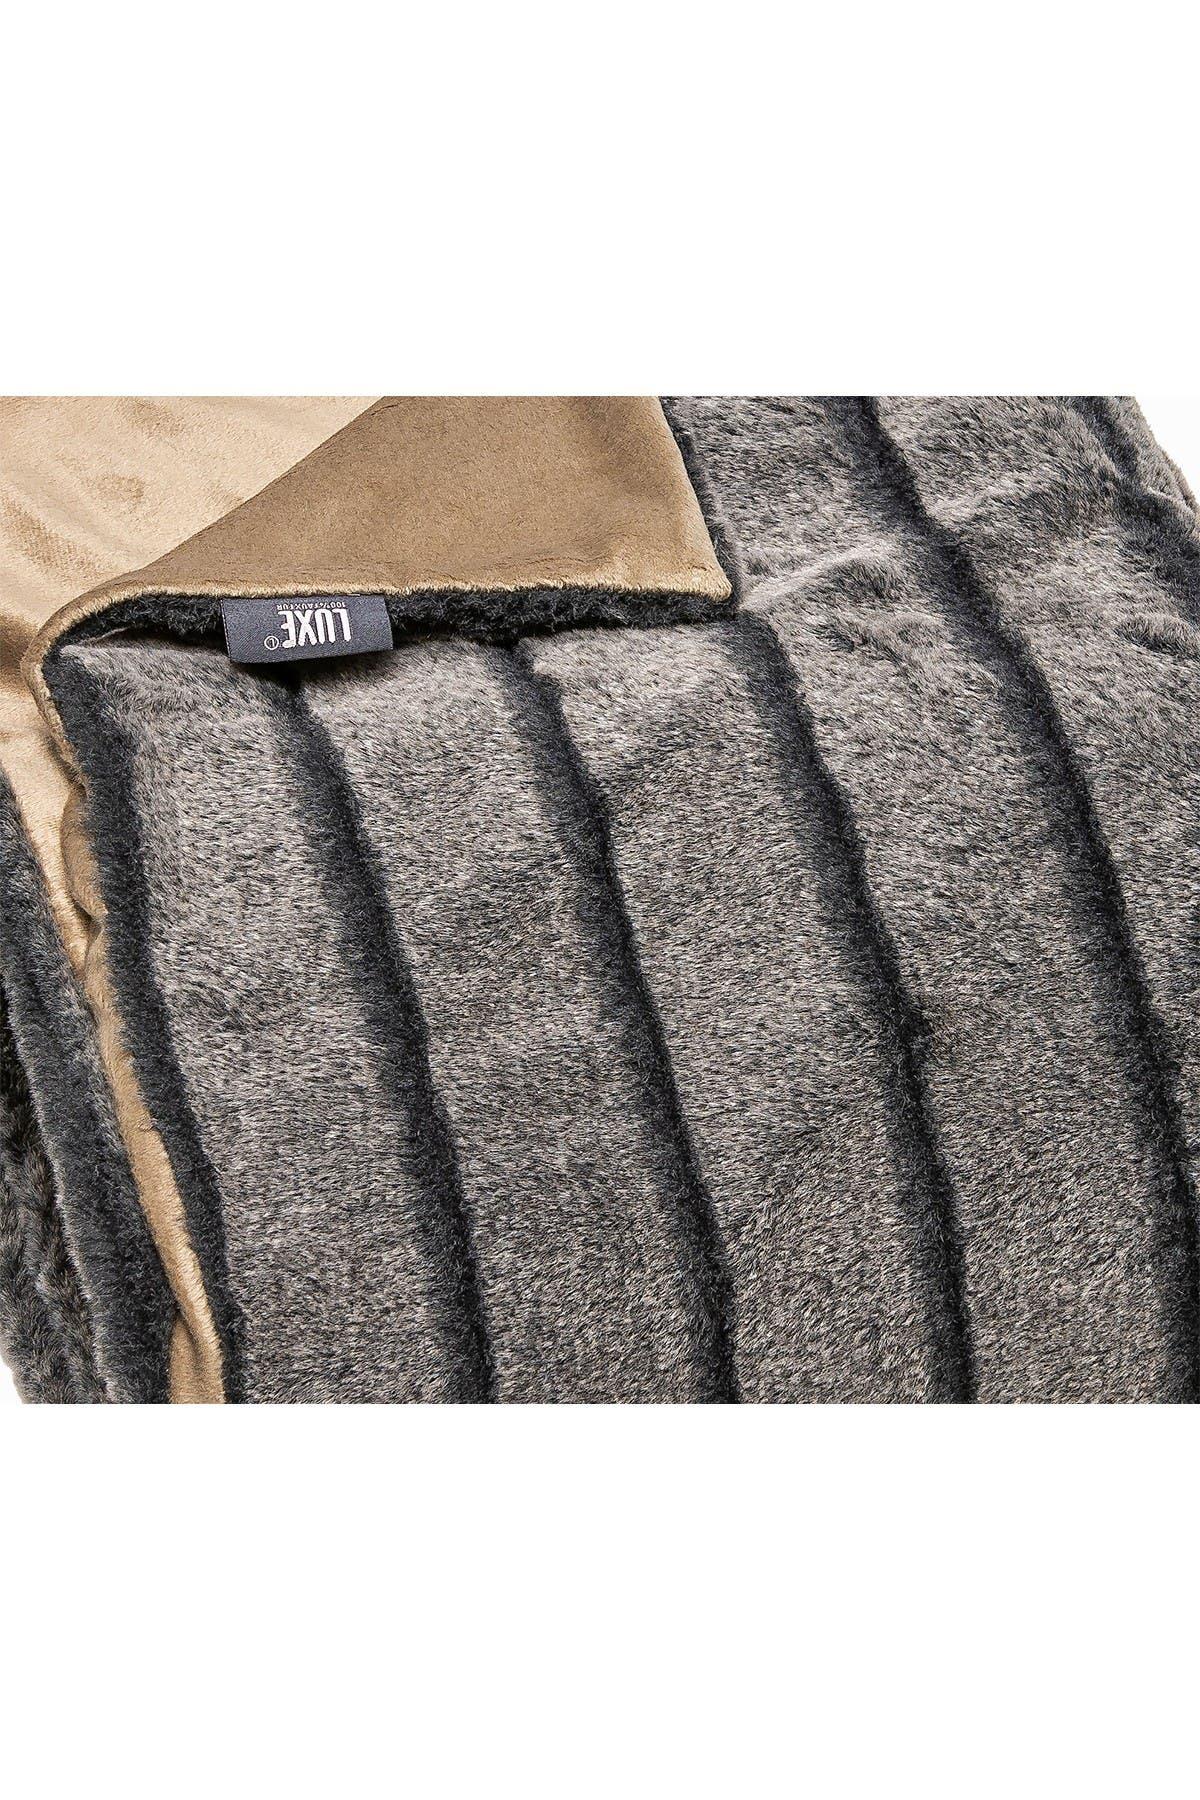 """Image of LUXE Faux Fur Throw - 50"""" x 60"""" - Glacier Grey"""